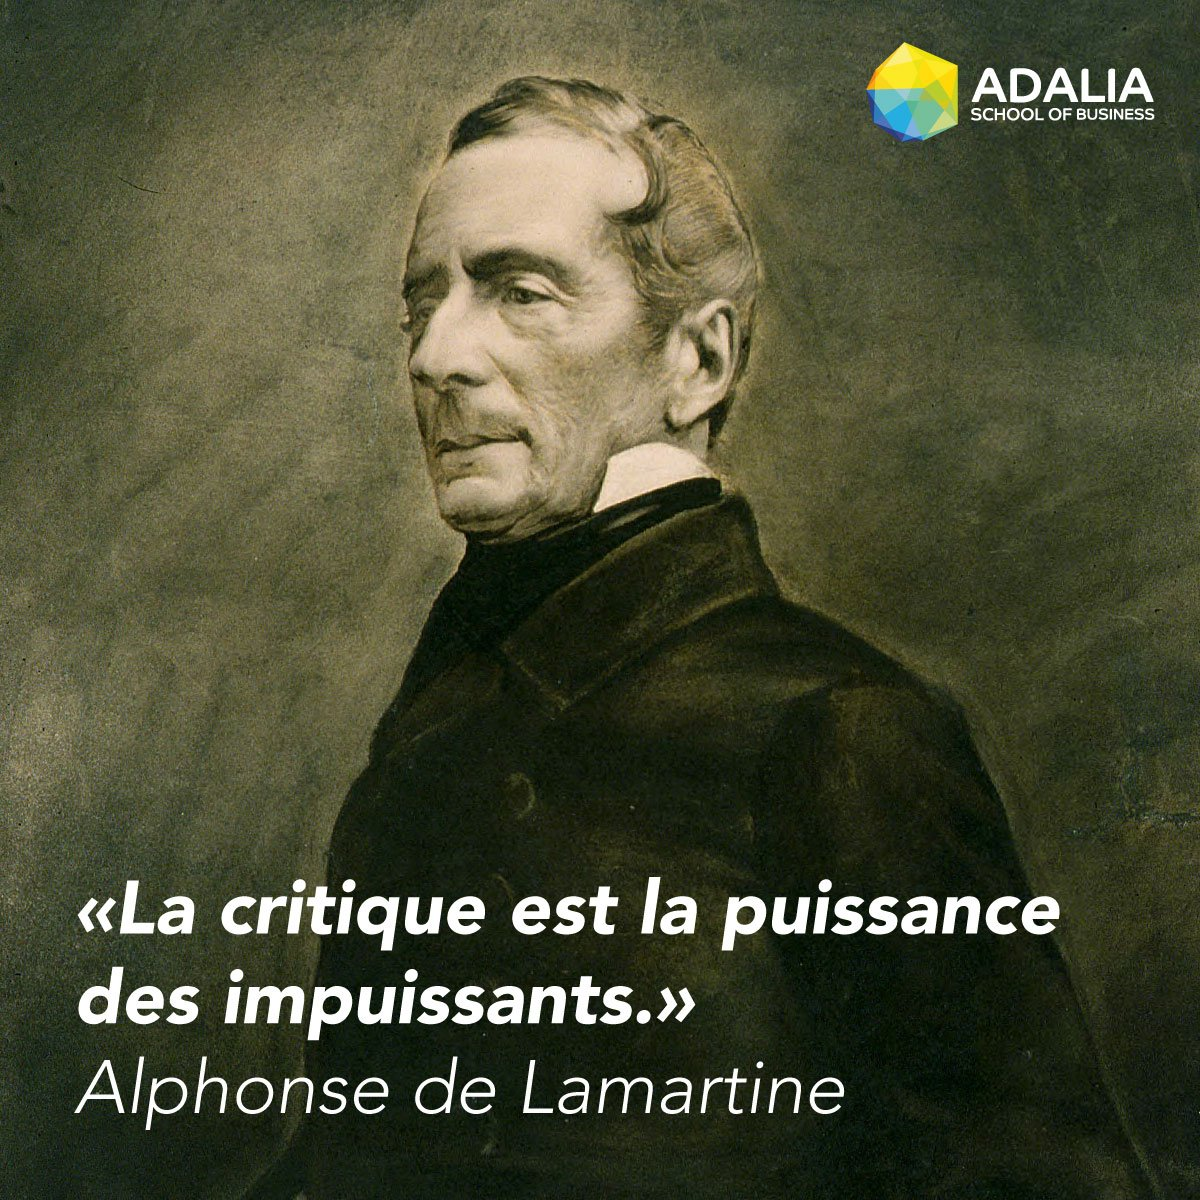 Adalia On Twitter La Critique Est La Puissance Des Impuissants Alphonse De Lamartine